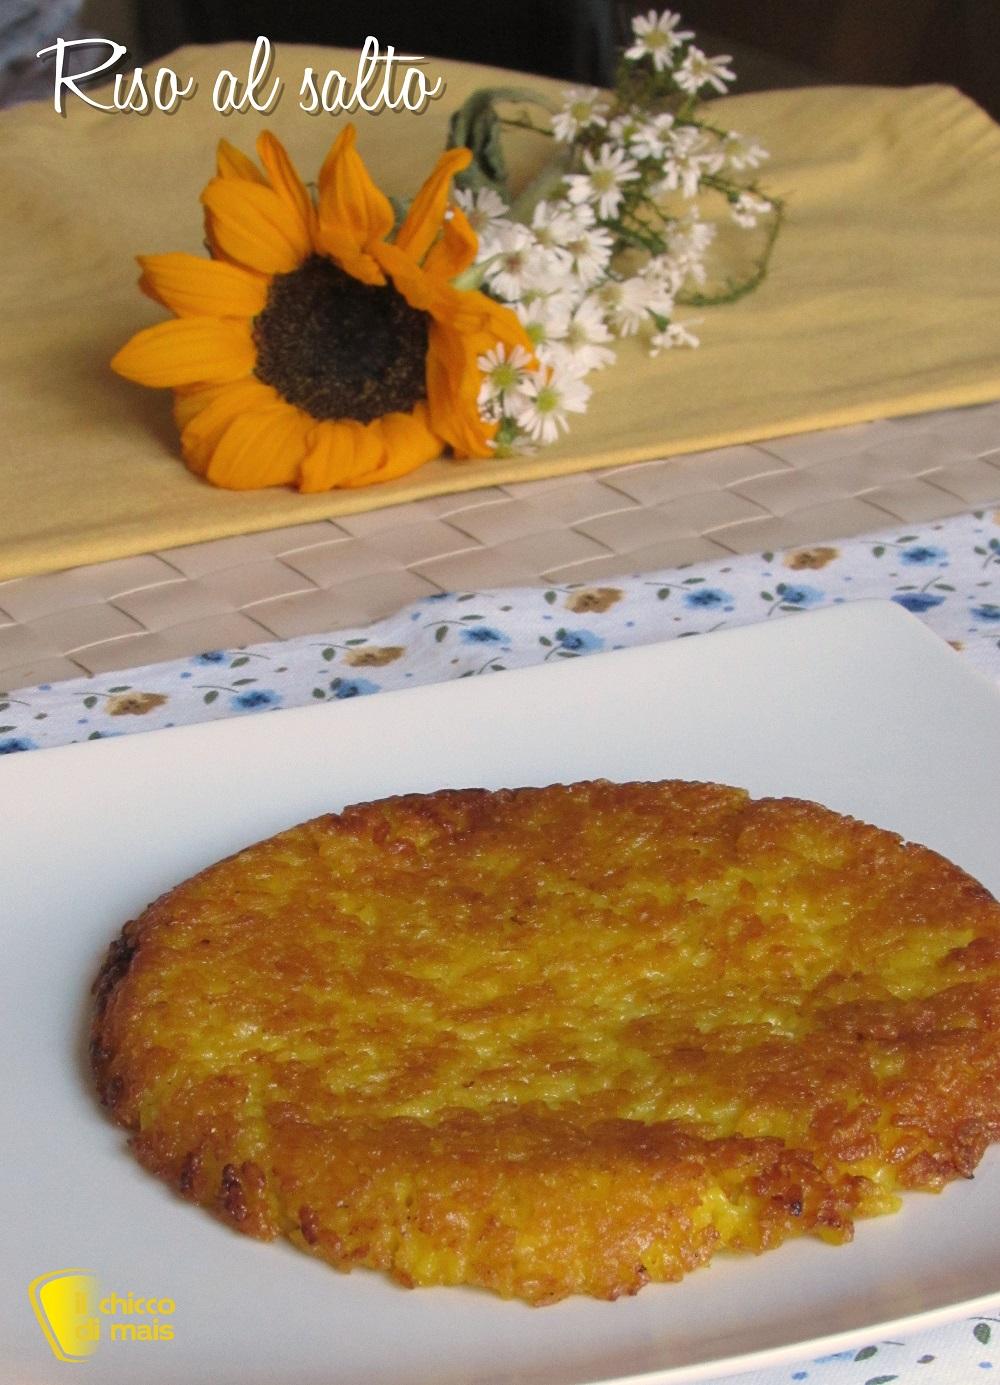 verticale_riso al salto ricetta risotto allo zafferano ripassato in padella il chicco di mais